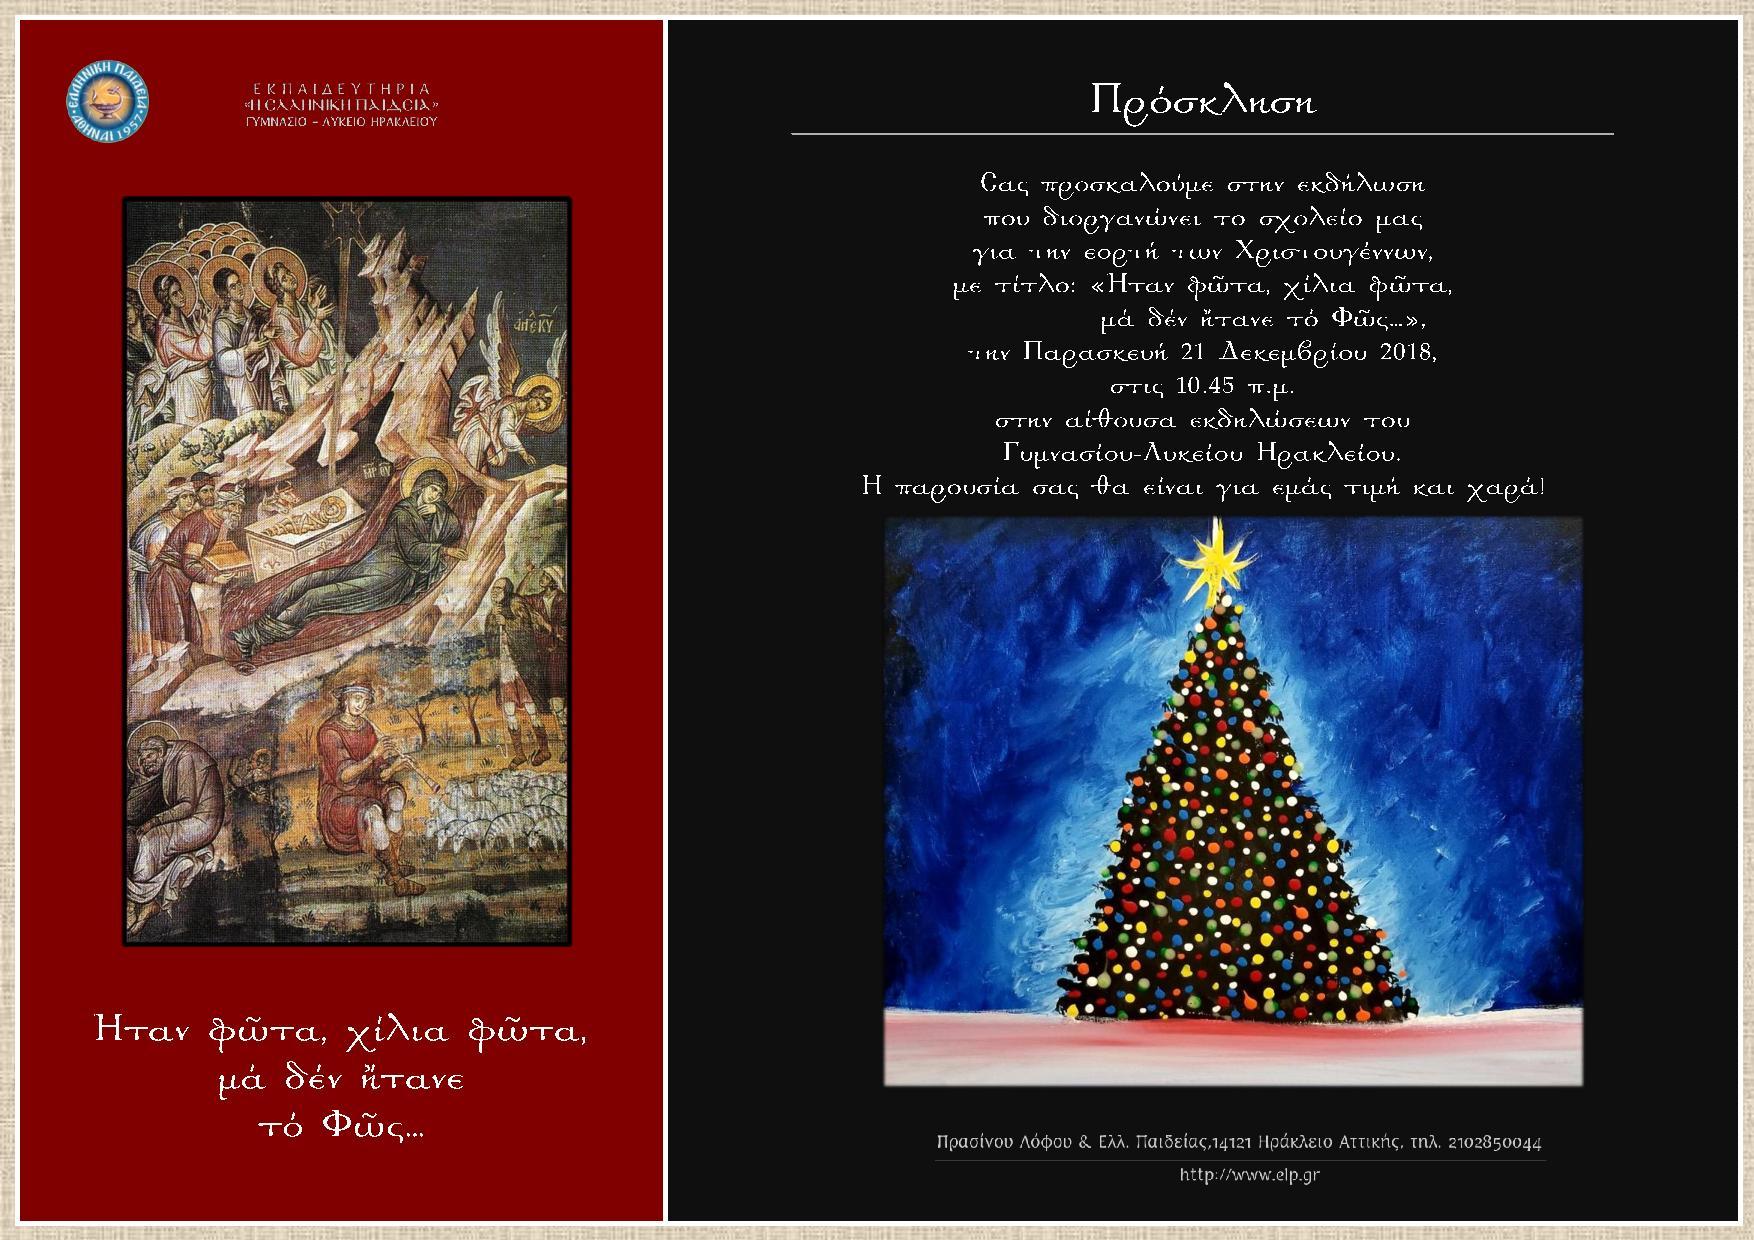 Πρόσκληση χριστουγεννιάτικης γιορτής